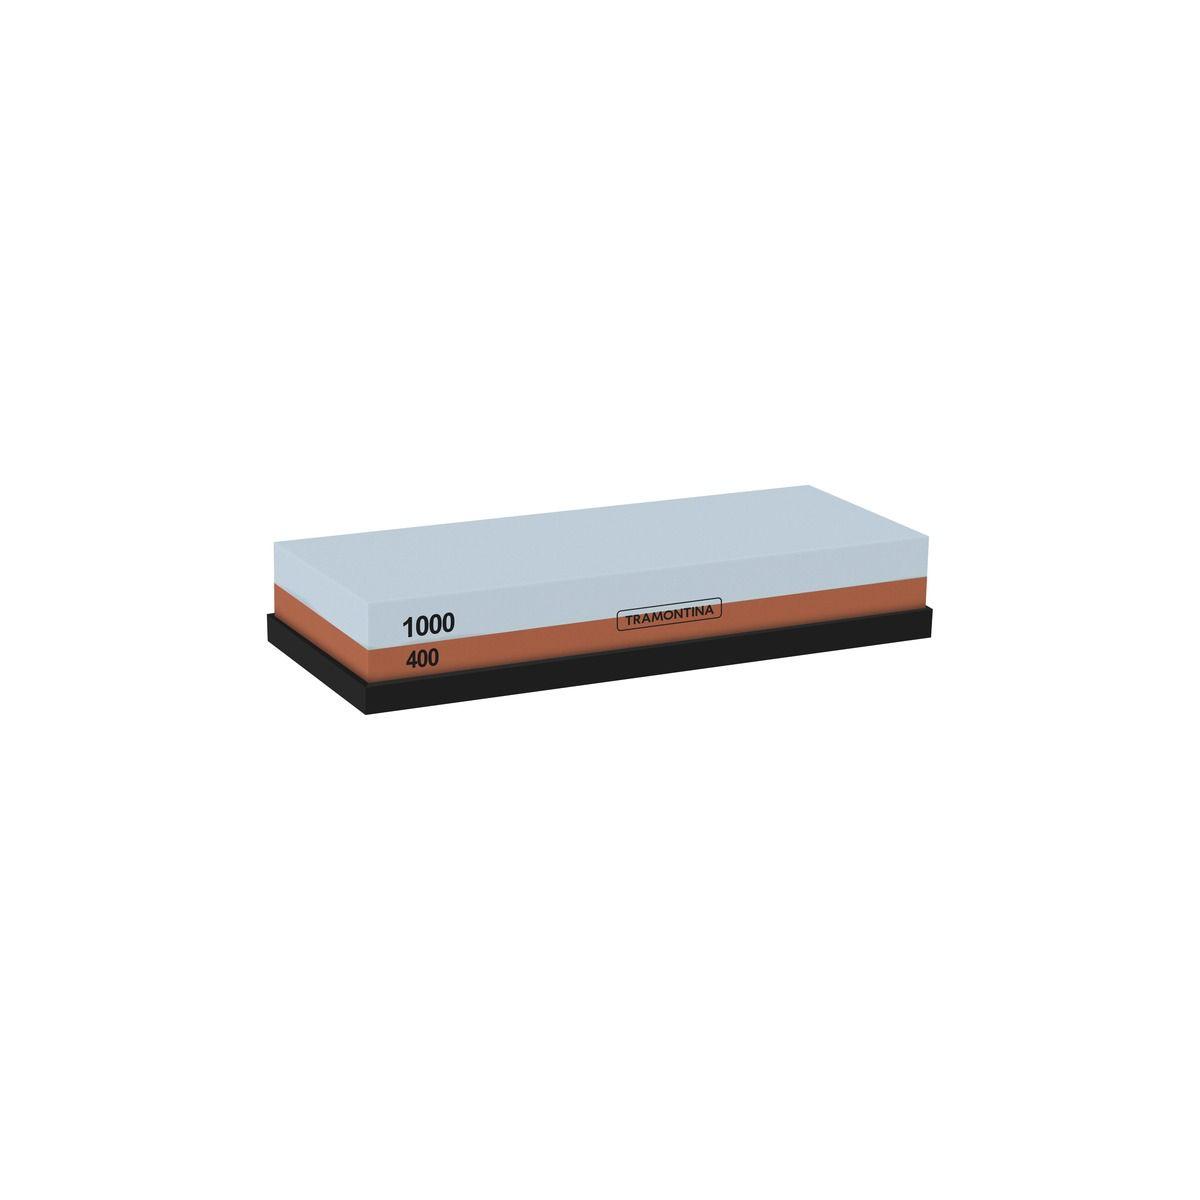 Pedra para Afiar Tramontina com Granulação 400 e 1000 Dupla Face com Suporte Emborrachado 24029/000 | Lojas Estrela